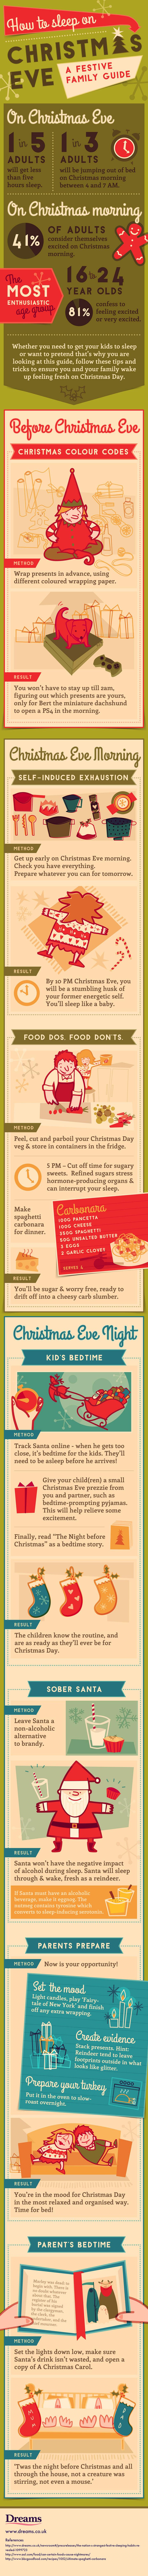 How To Sleep On Christmas Eve